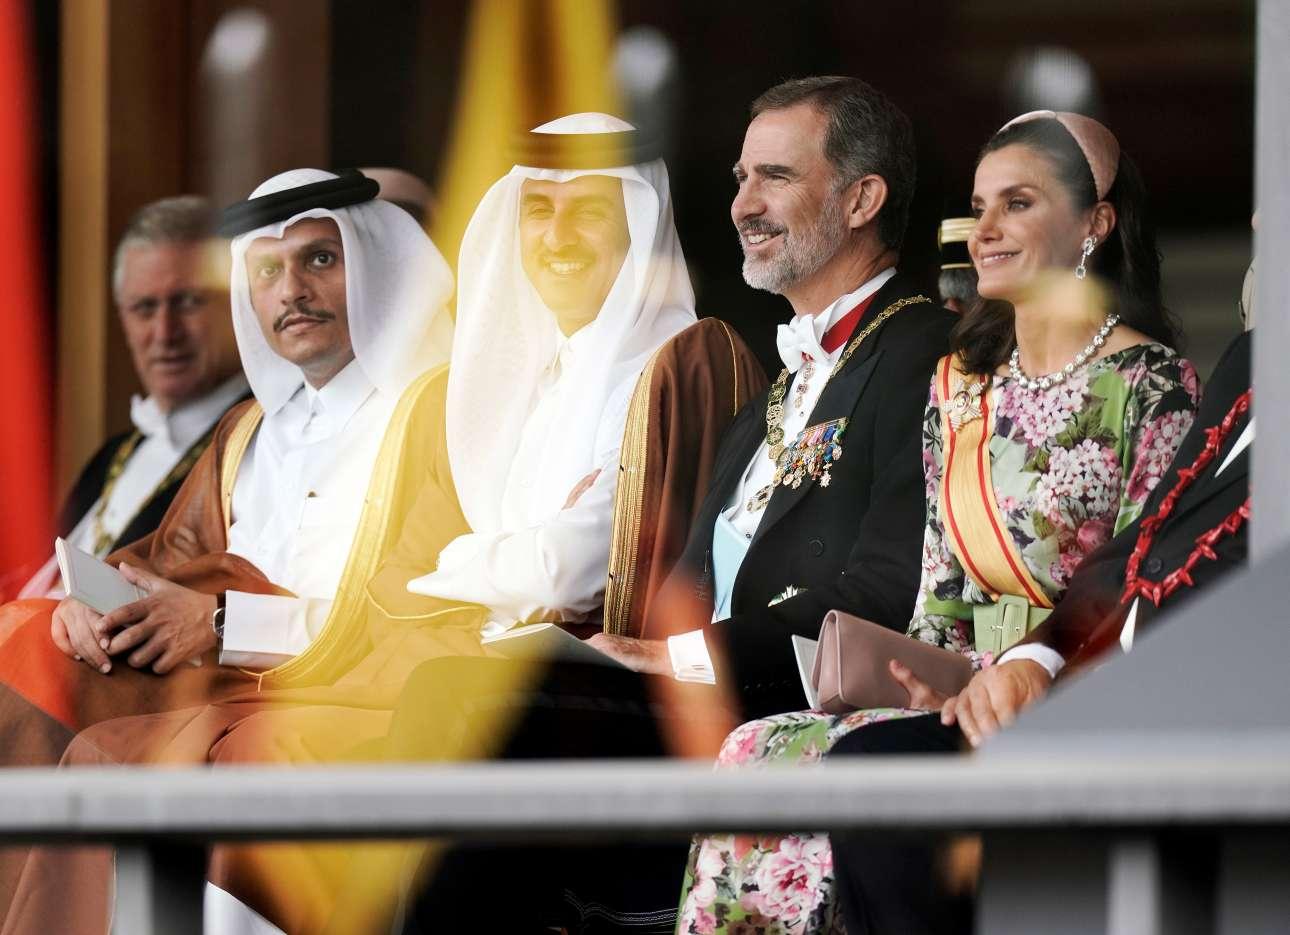 Το βασιλικό ζεύγος της Ισπανίας, Φελίπε και Λετίθια